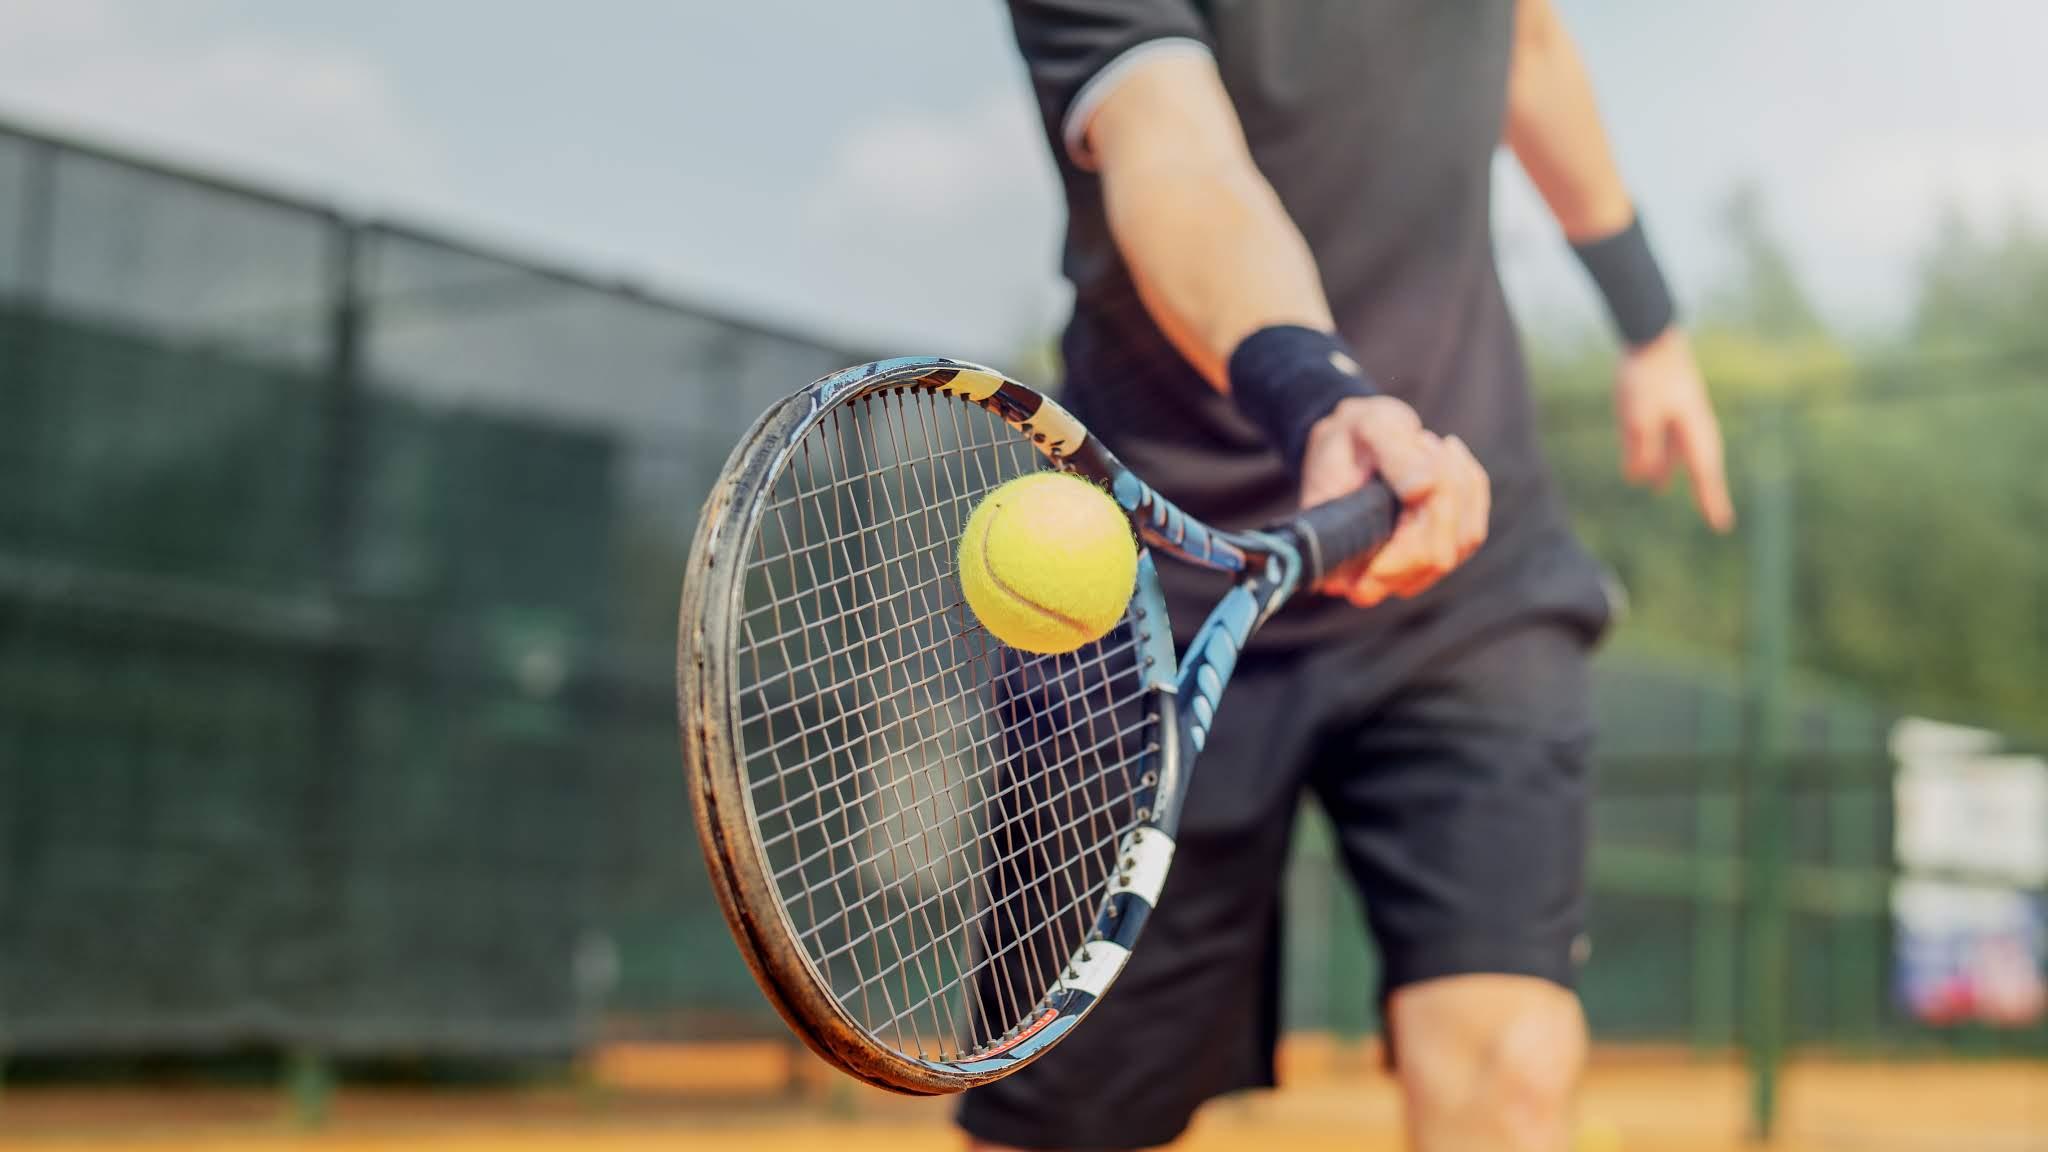 Joueur de tennis - déconfinement progressif